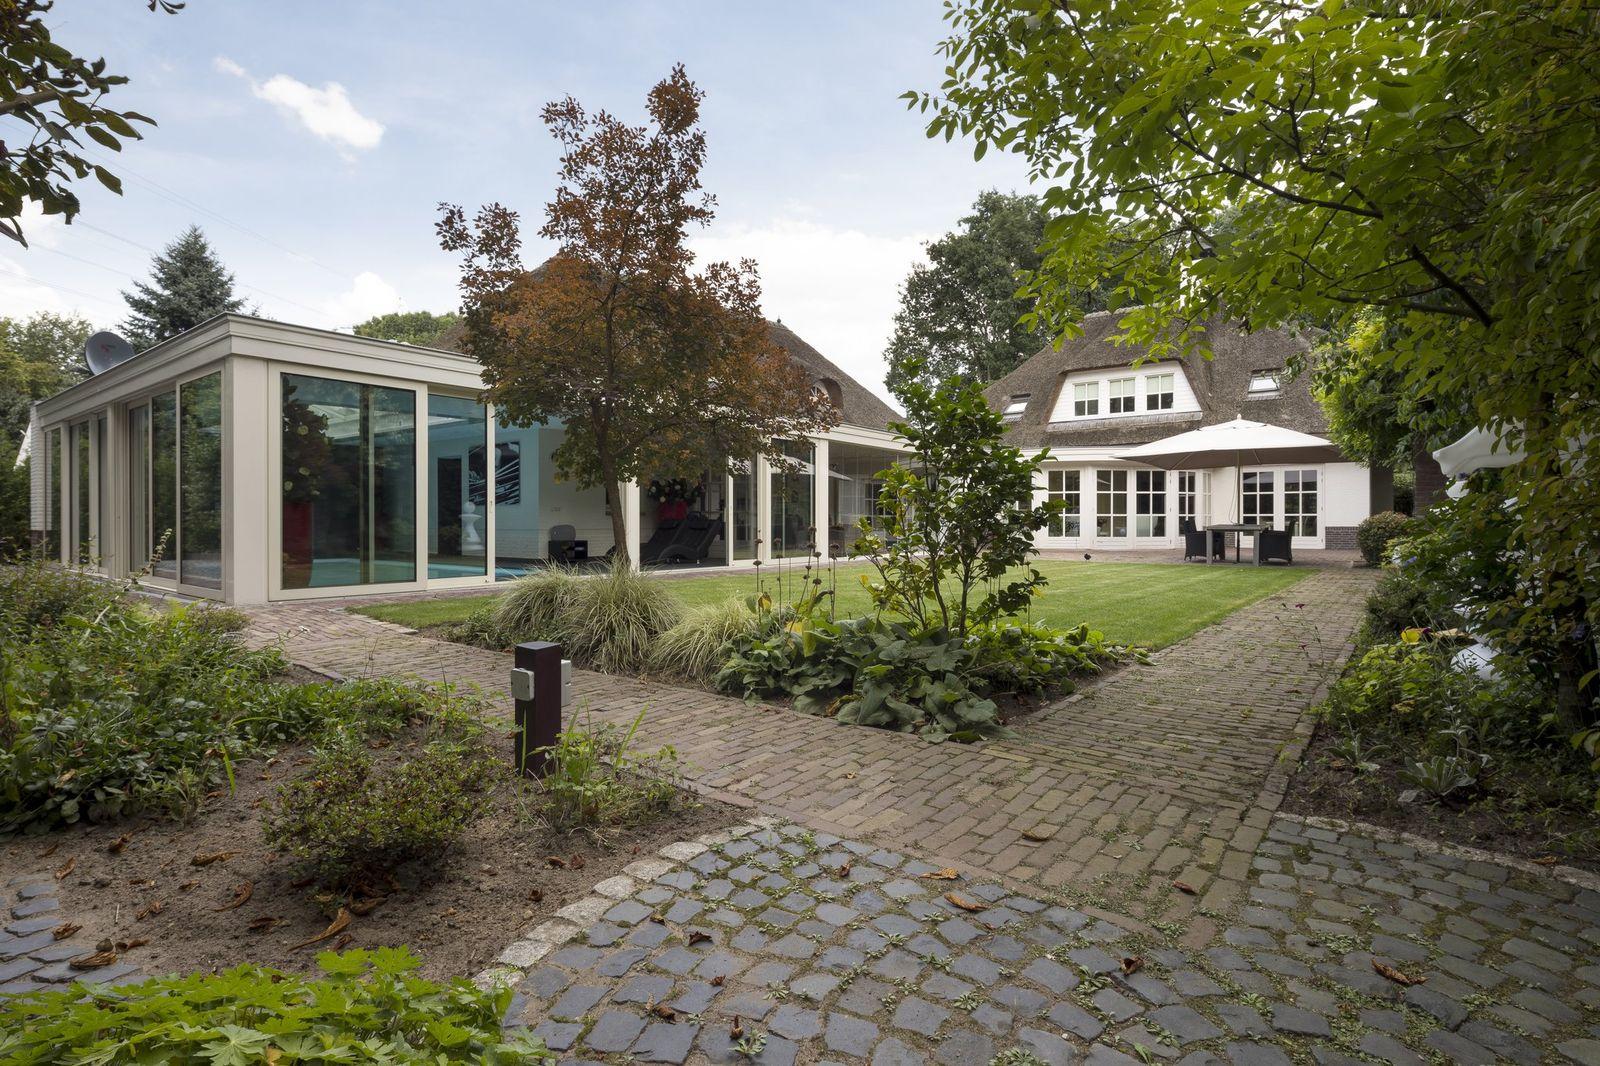 Geldropseweg 55, Helmond